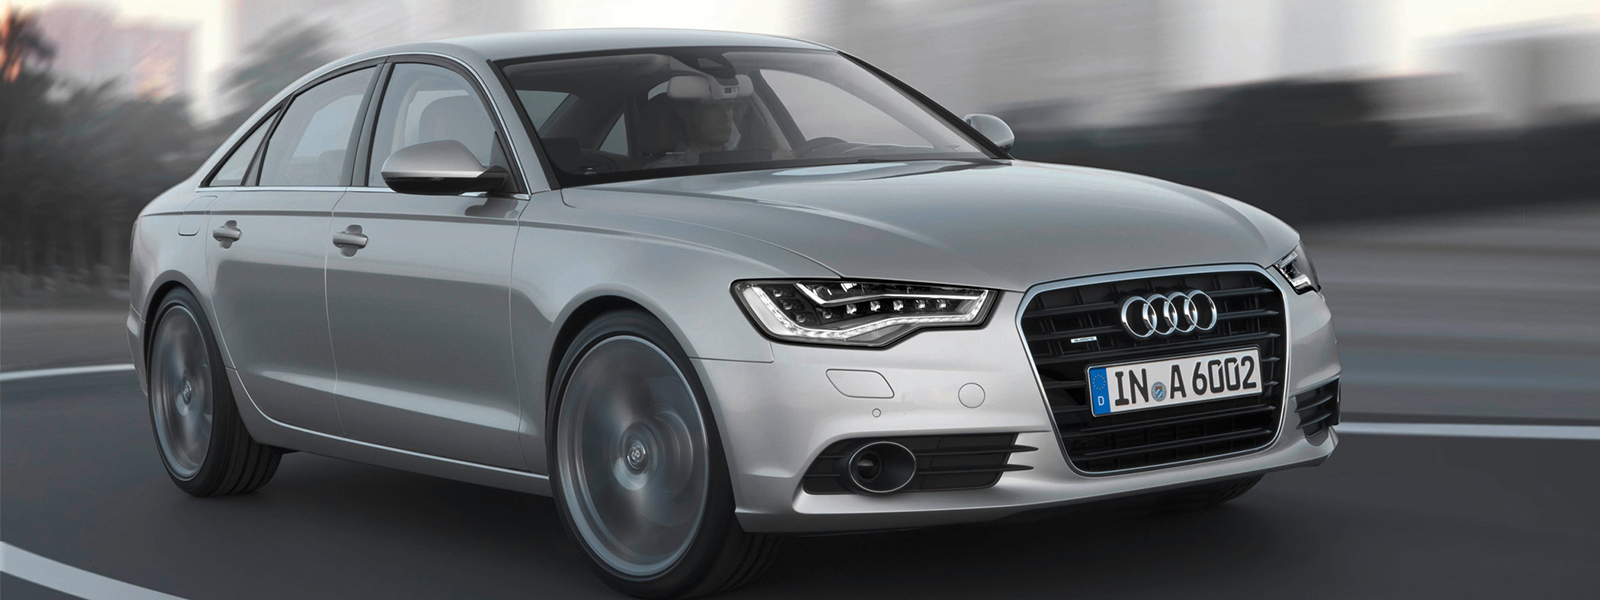 Halbseitenansicht eines Audi A6 (4G)